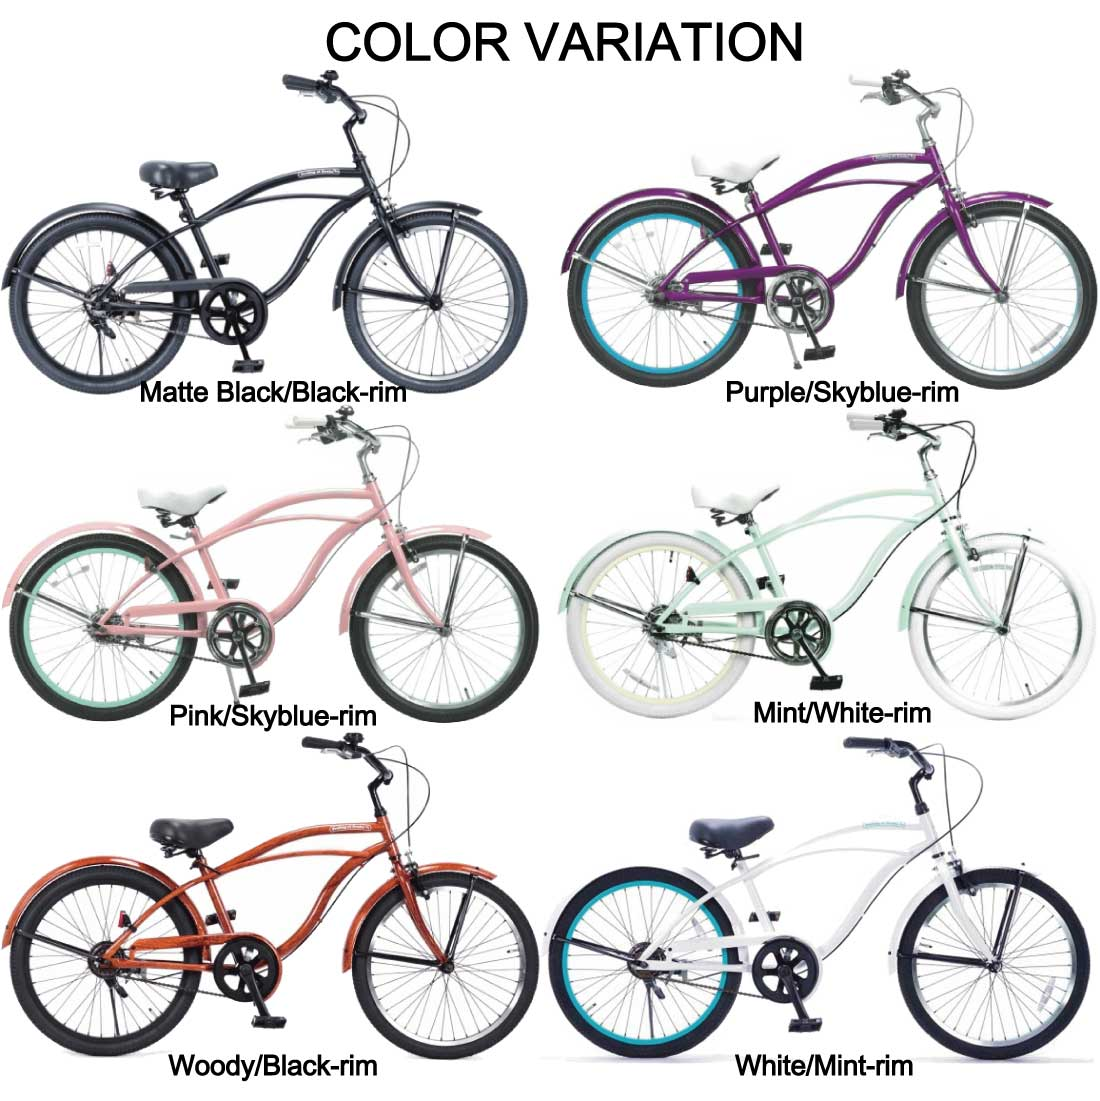 おしゃれ 自転車 通勤 通学 メンズ レディース 子供用自転車 22インチ ビーチクルーザー 自転車 ジュニア 小学生 レインボー Feelling of decks FOD-22